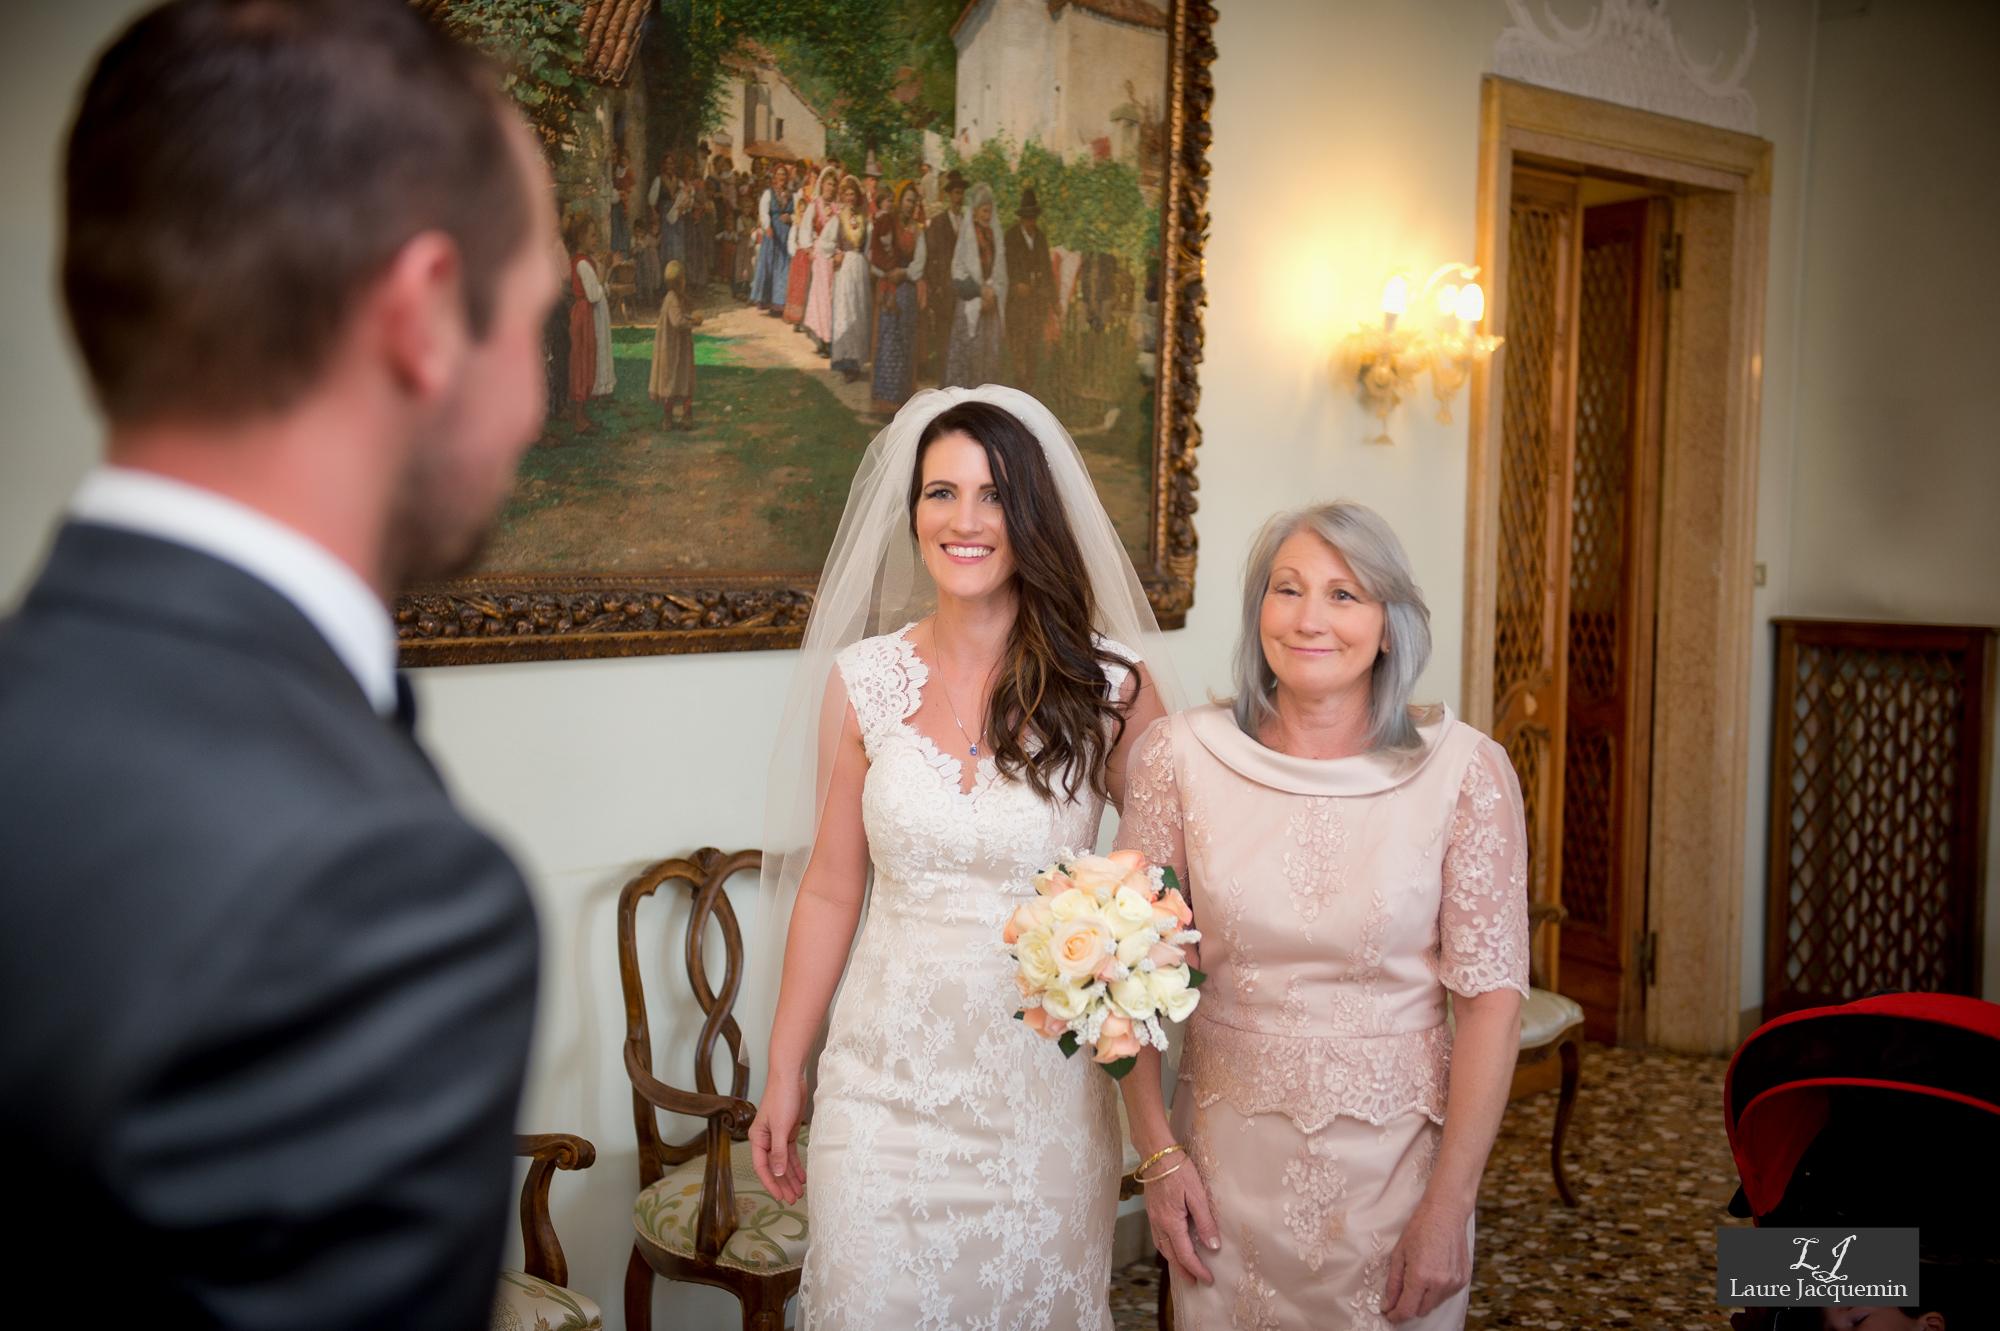 photographe mariage laure jacquemin palazzo cavalli service photographique (12)